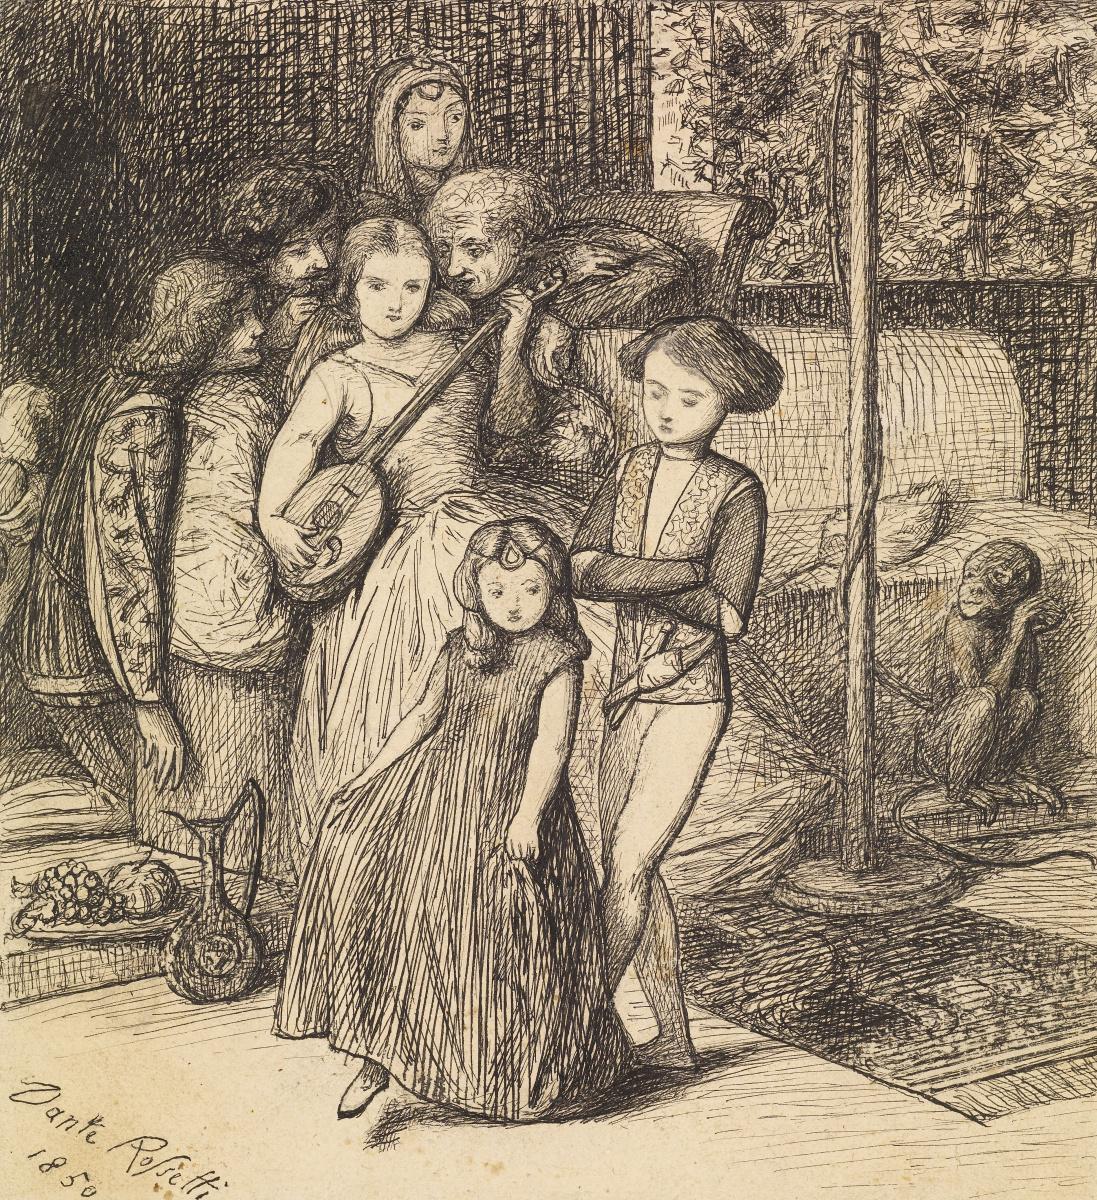 """Данте Габриэль Россетти. Танцы под лютню. Эскиз для картины """"Семья Борджиа"""""""